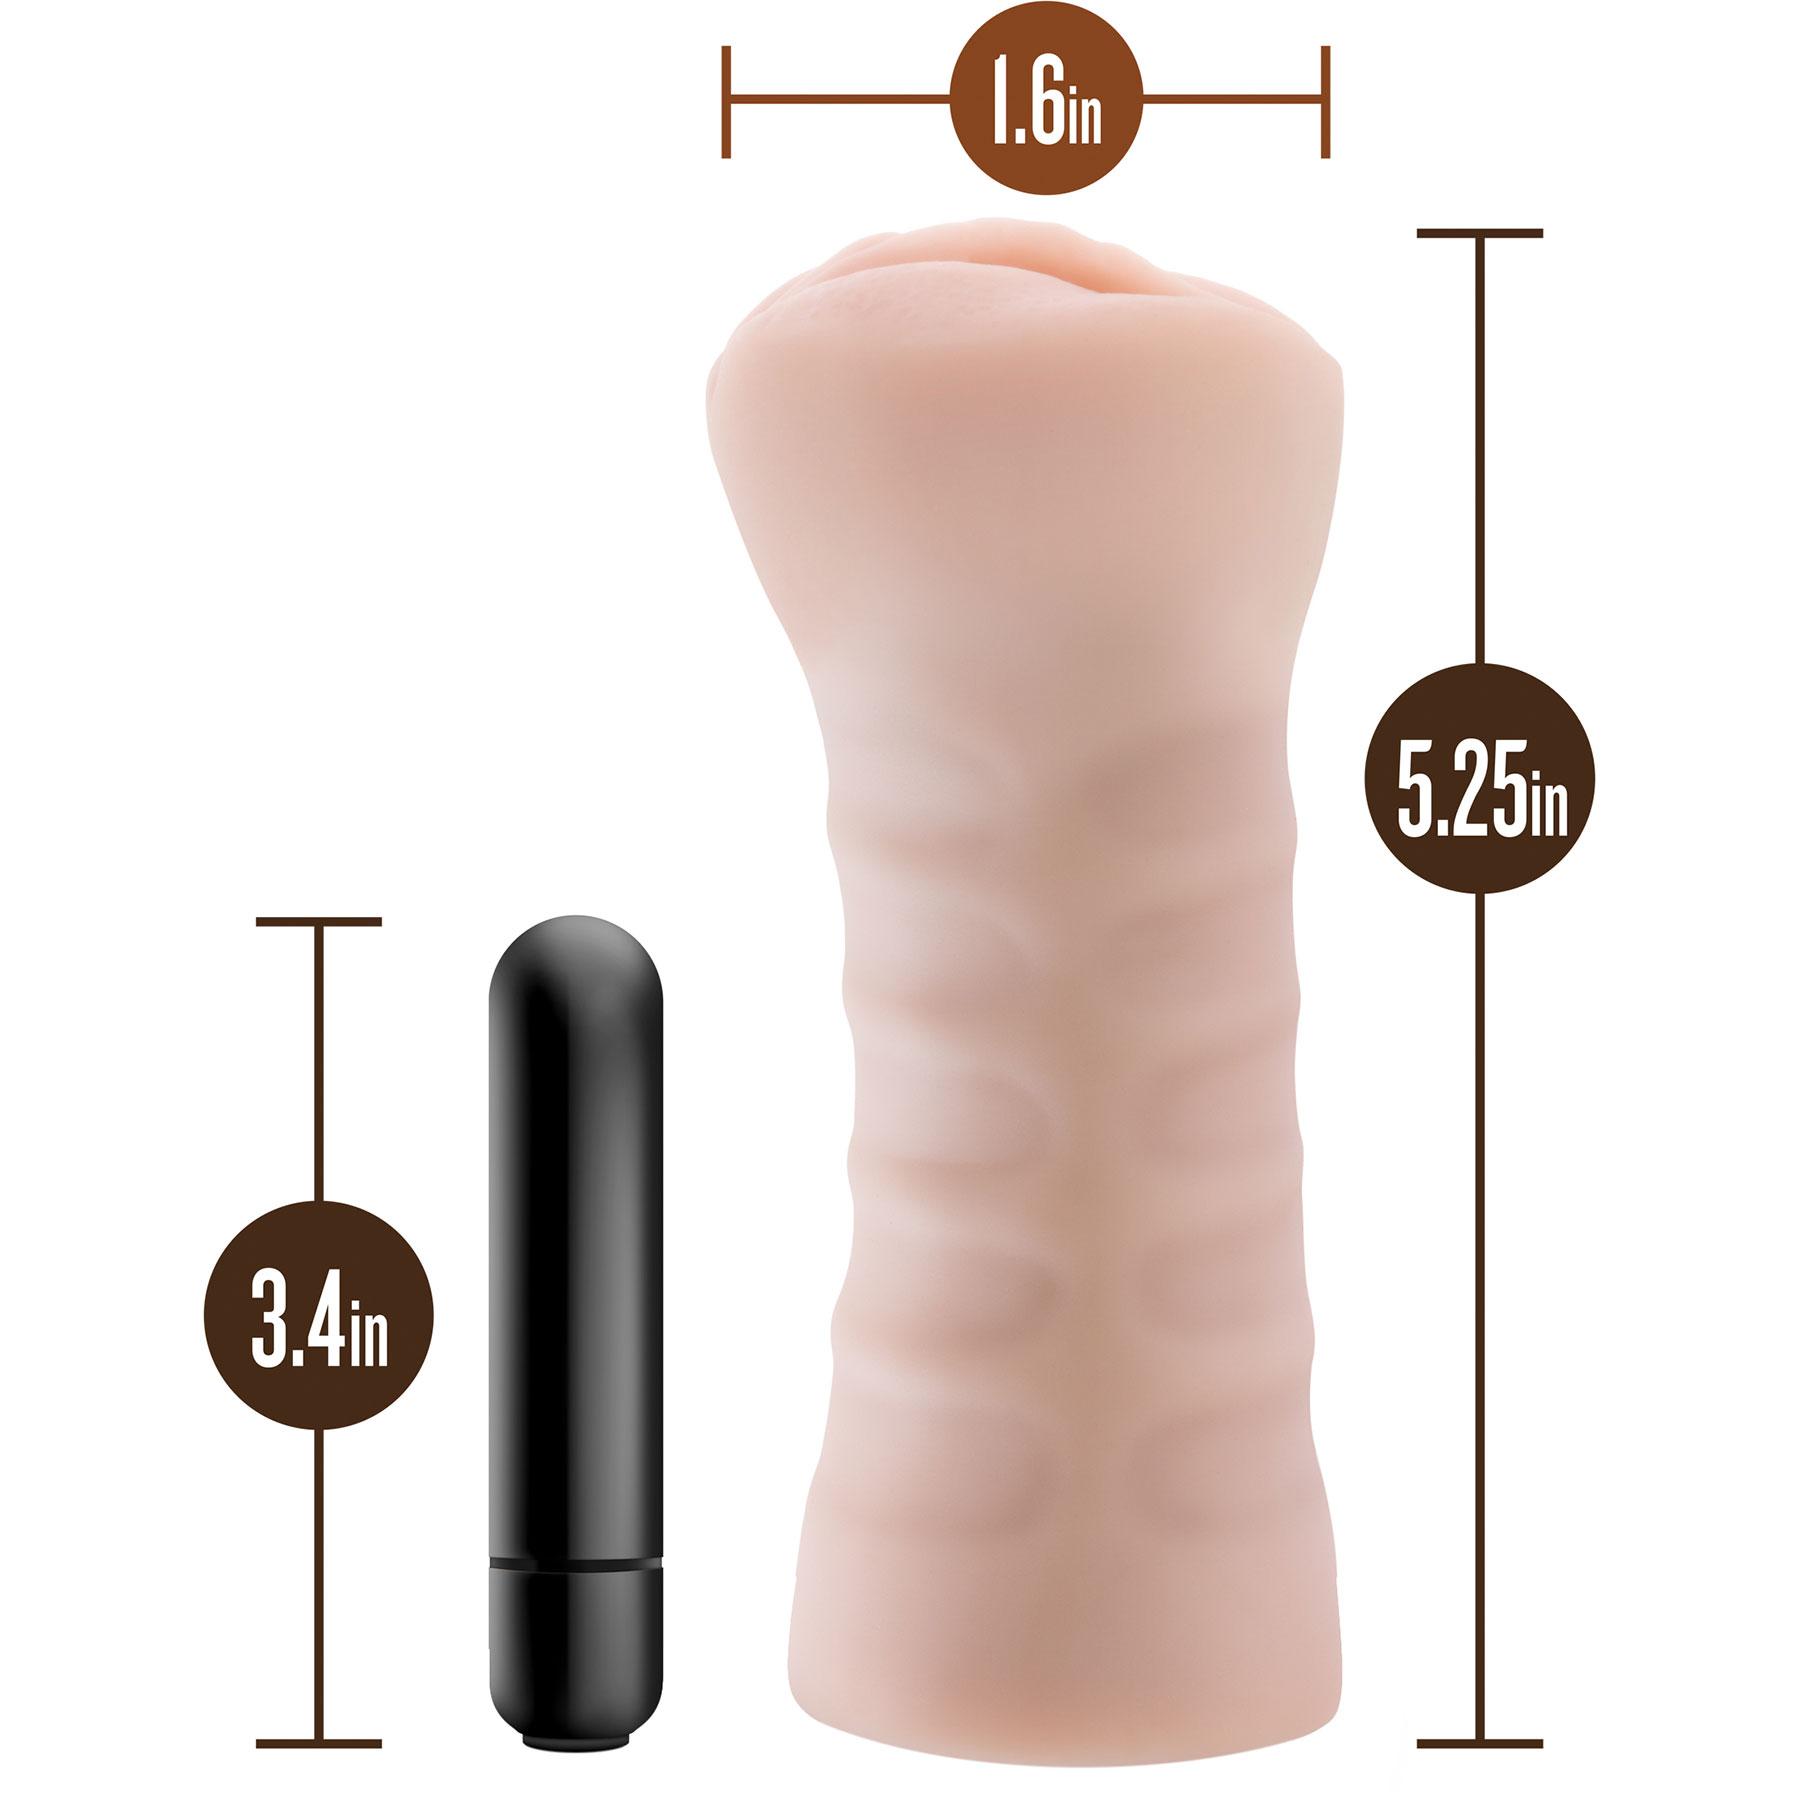 M for Men Ashley Penis Masturbator - Measurements